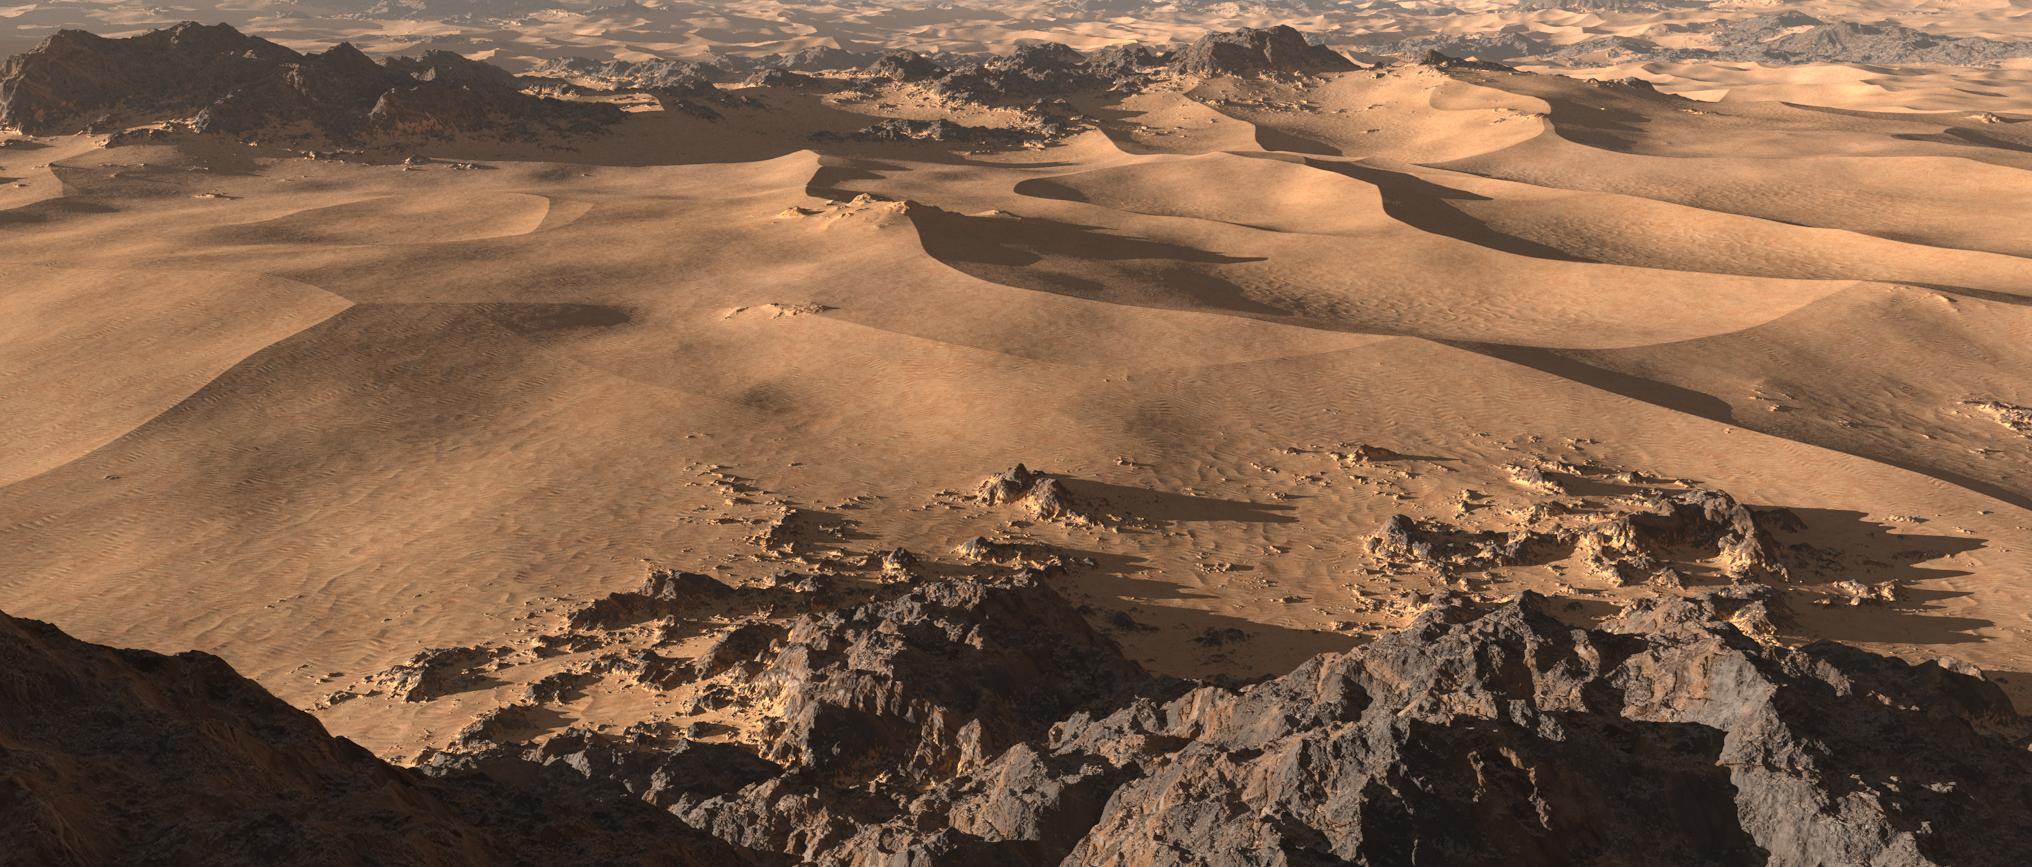 NY_desert15.jpg